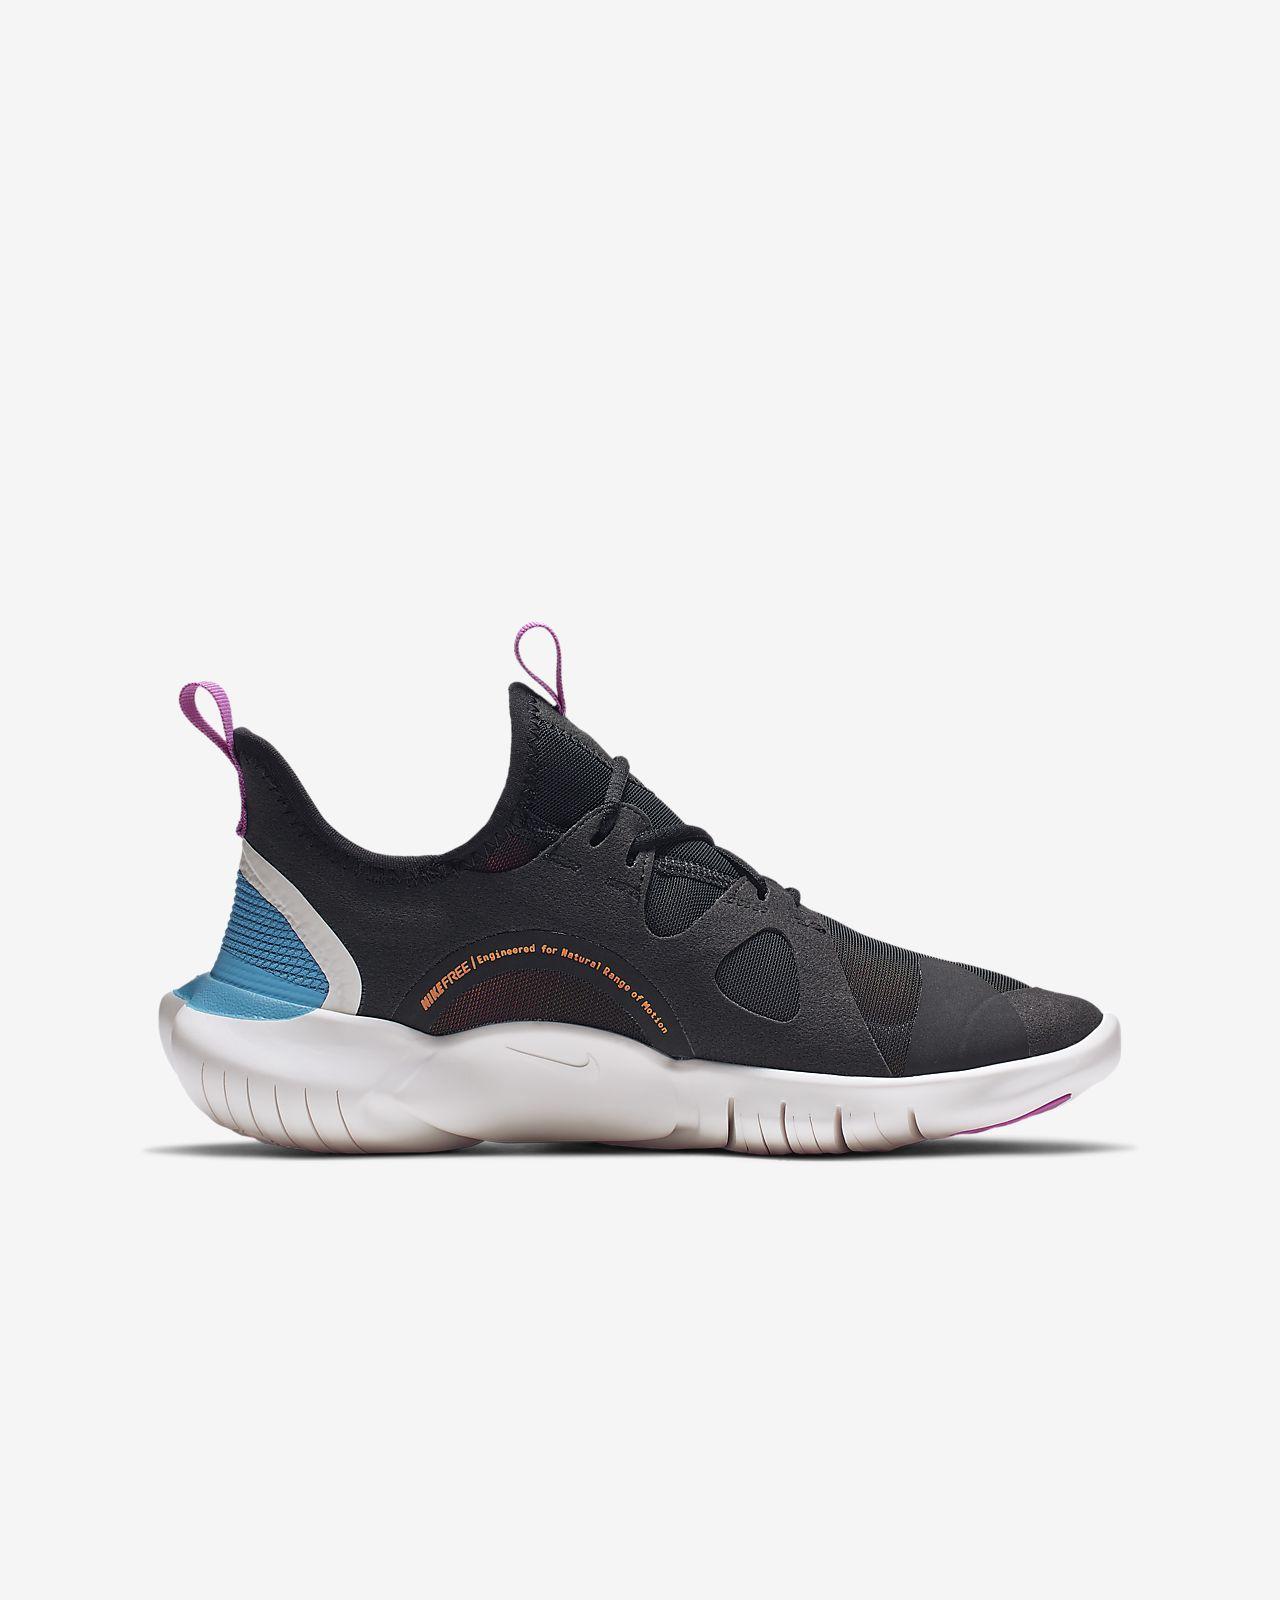 ecb6d36eecbad Chaussure de running Nike Free RN 5.0 pour Enfant plus âgé. Nike.com FR